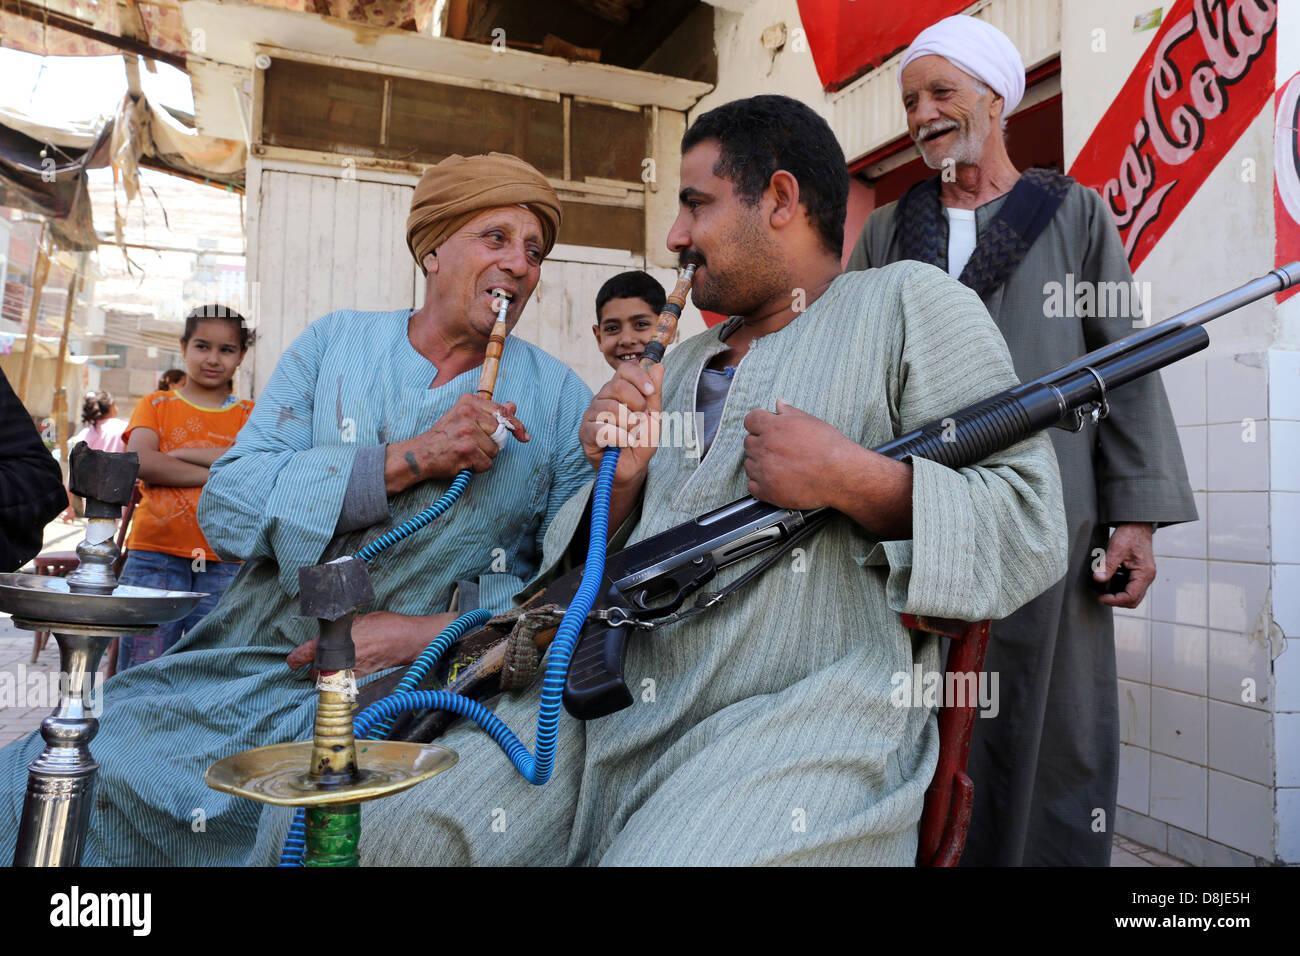 Gli uomini withe un fucile di fumare pipa ad acqua shisha in un bar in un villaggio in Alto Egitto Immagini Stock